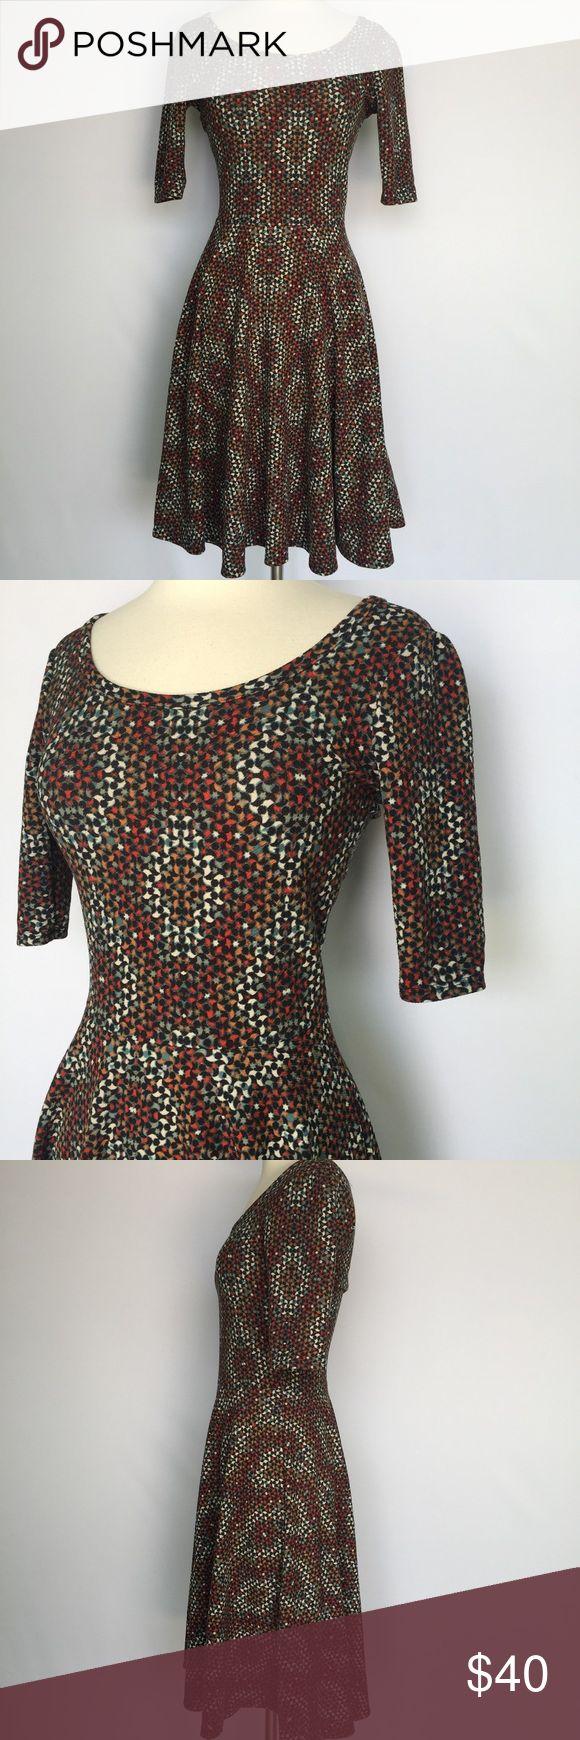 Selling this LulaRoe Amelia dress on Poshmark! My username is: prairiechic24. #shopmycloset #poshmark #fashion #shopping #style #forsale #LuLaRoe #Dresses & Skirts